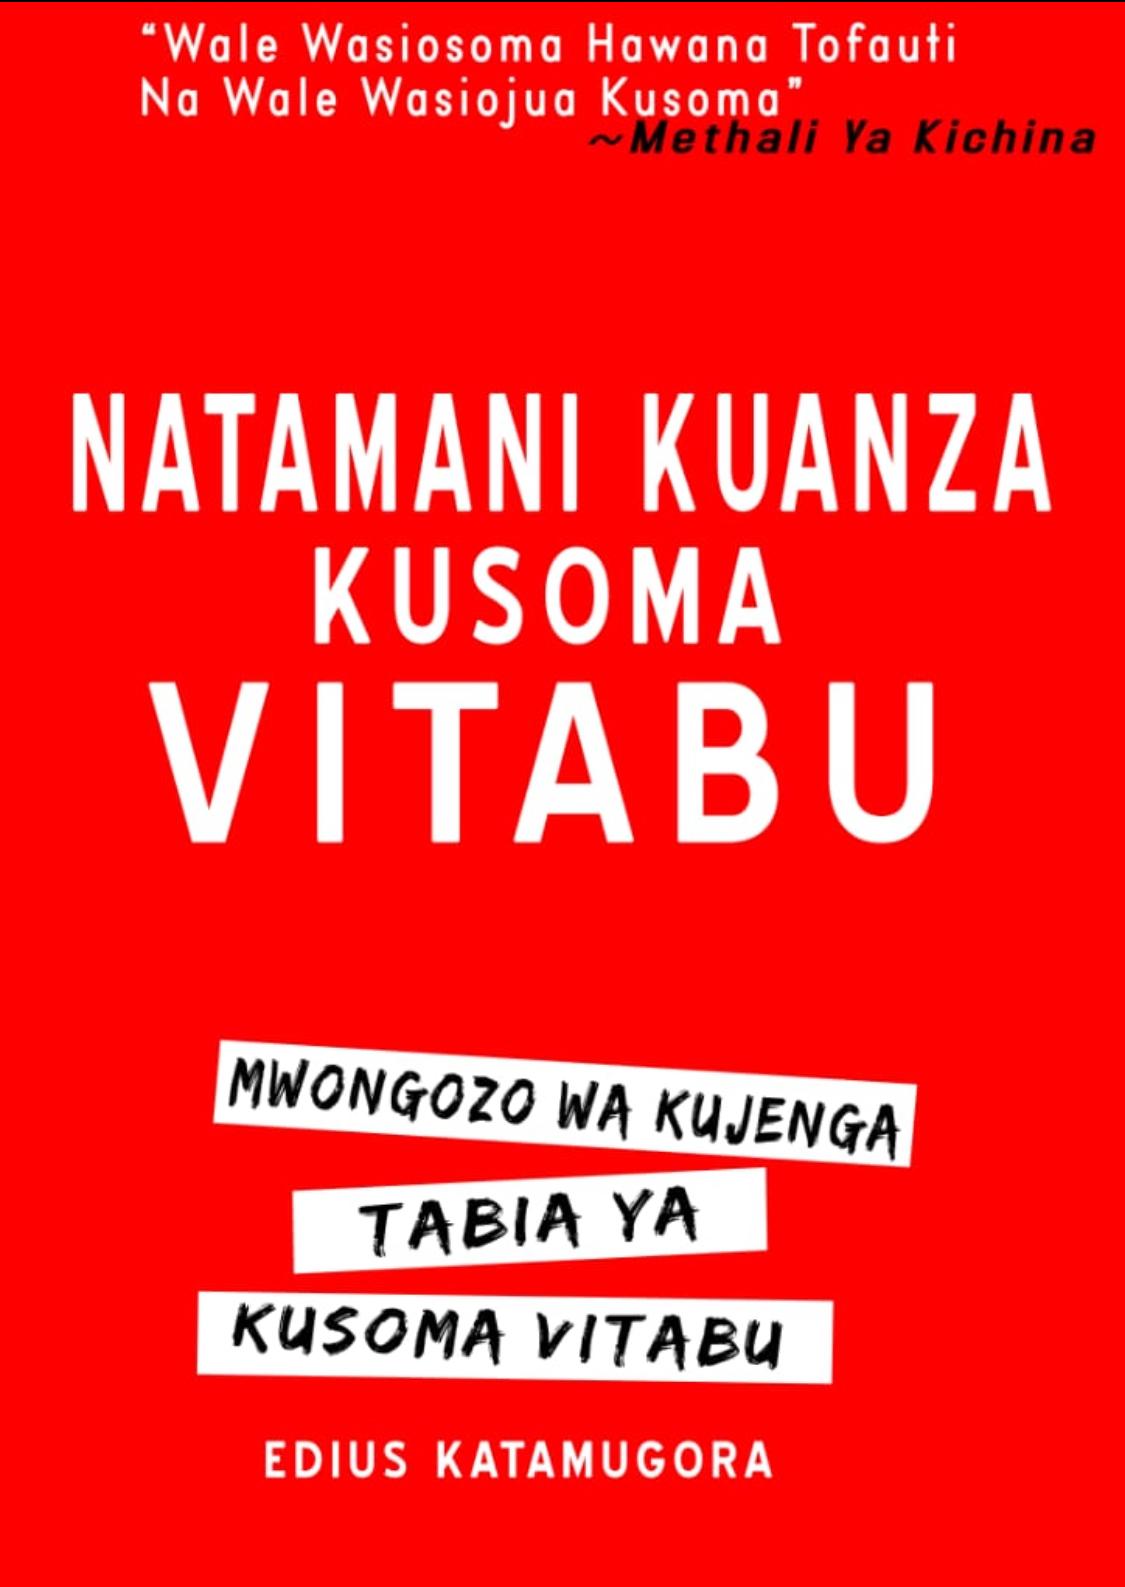 Natamani Kuanza Kusoma Vitabu